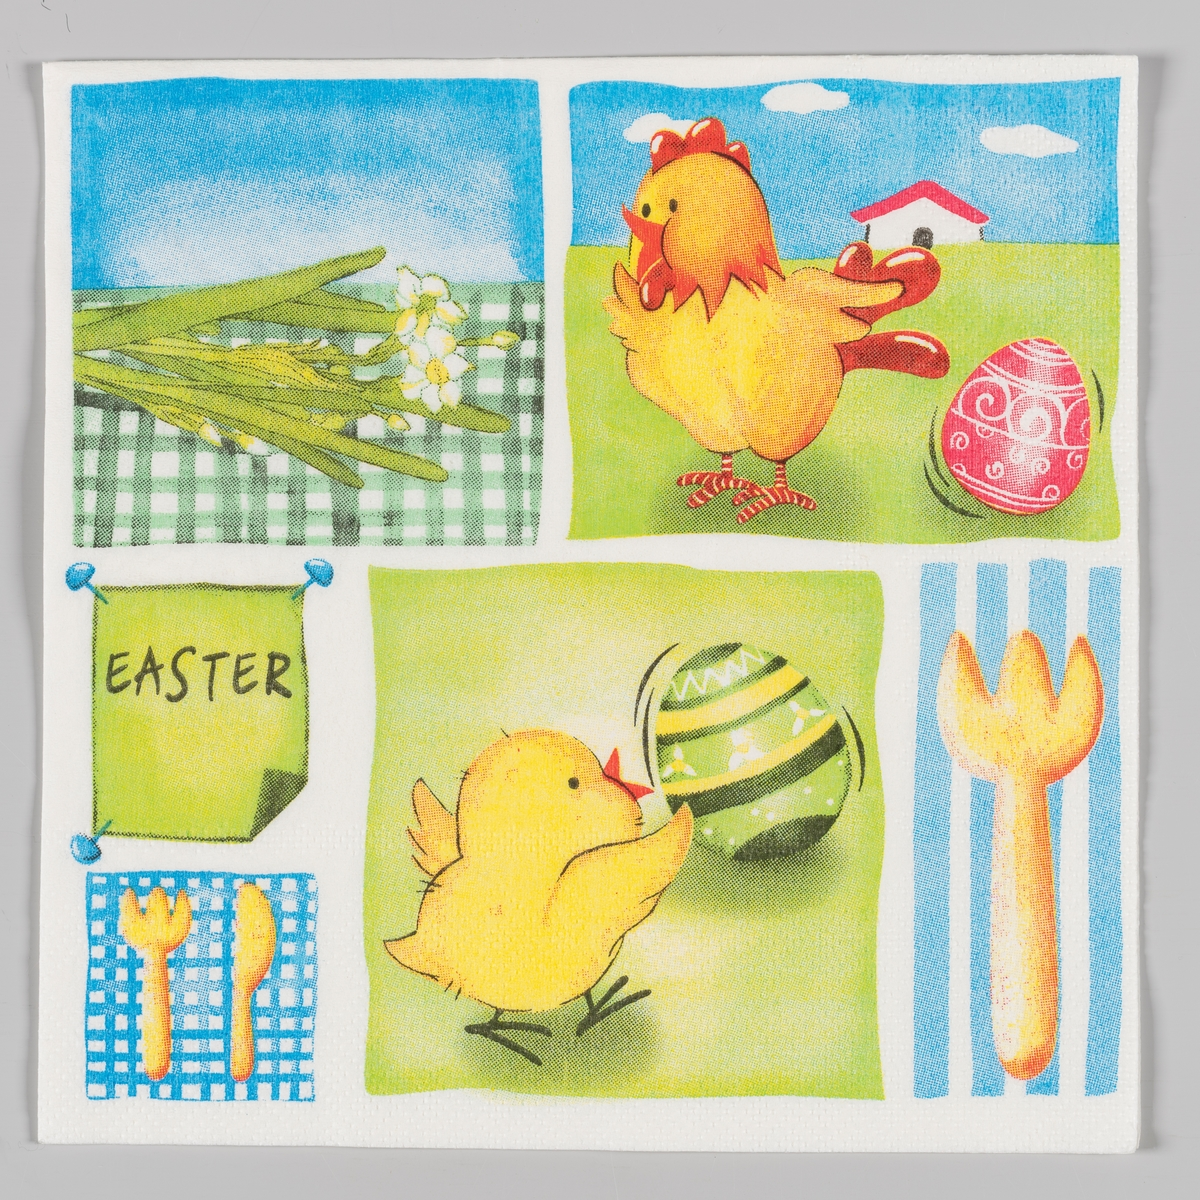 Servietten er delt inn i flere felter med hvert sitt motiv. En kylling og et dekorert rosa påskeegg med et hus i bakgrunnen. En kniv og en gaffel. En kylling og et grønt dekorert påskeegg. En gaffel.